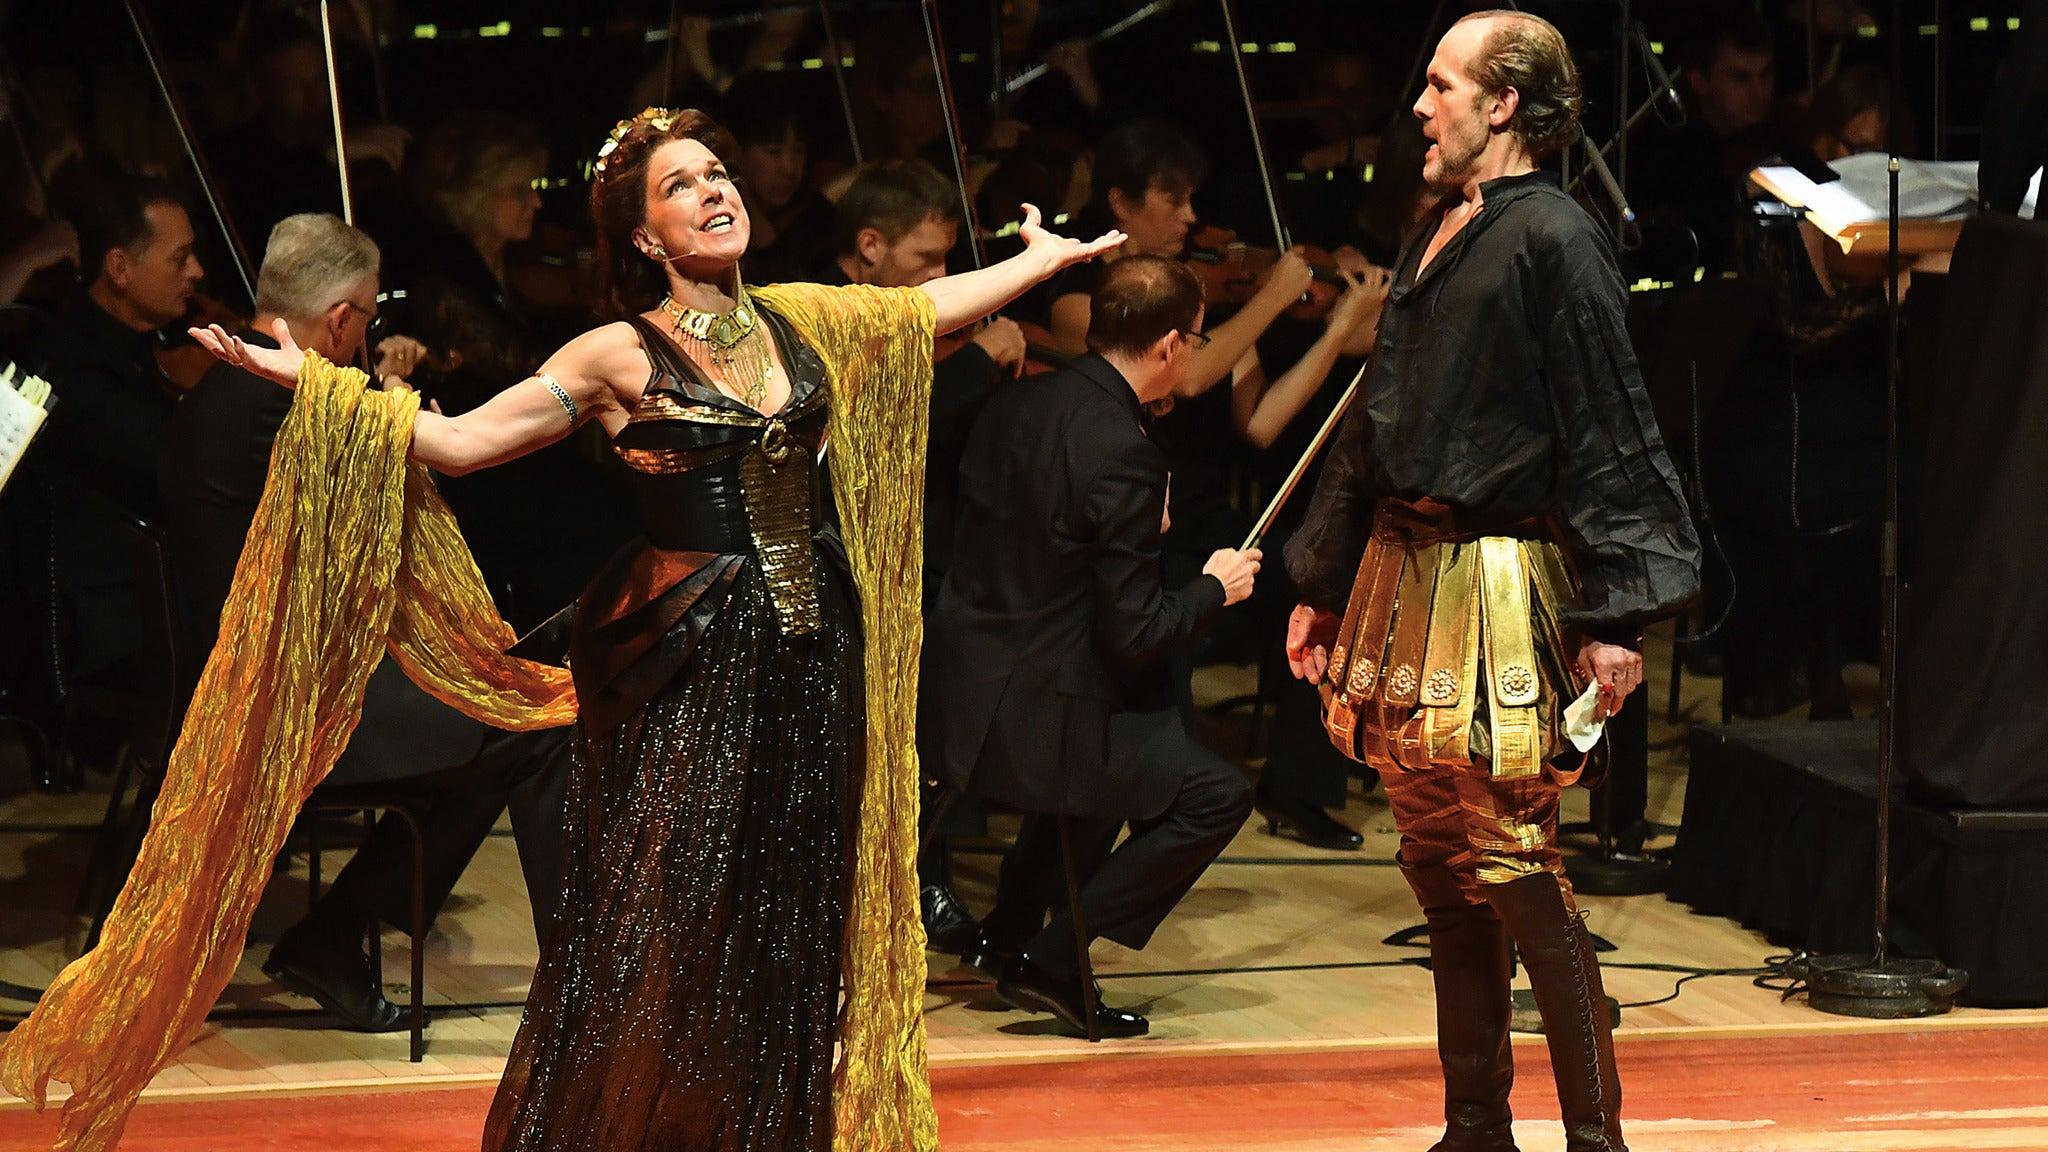 Antony and Cleopatra at Ridgefield Playhouse